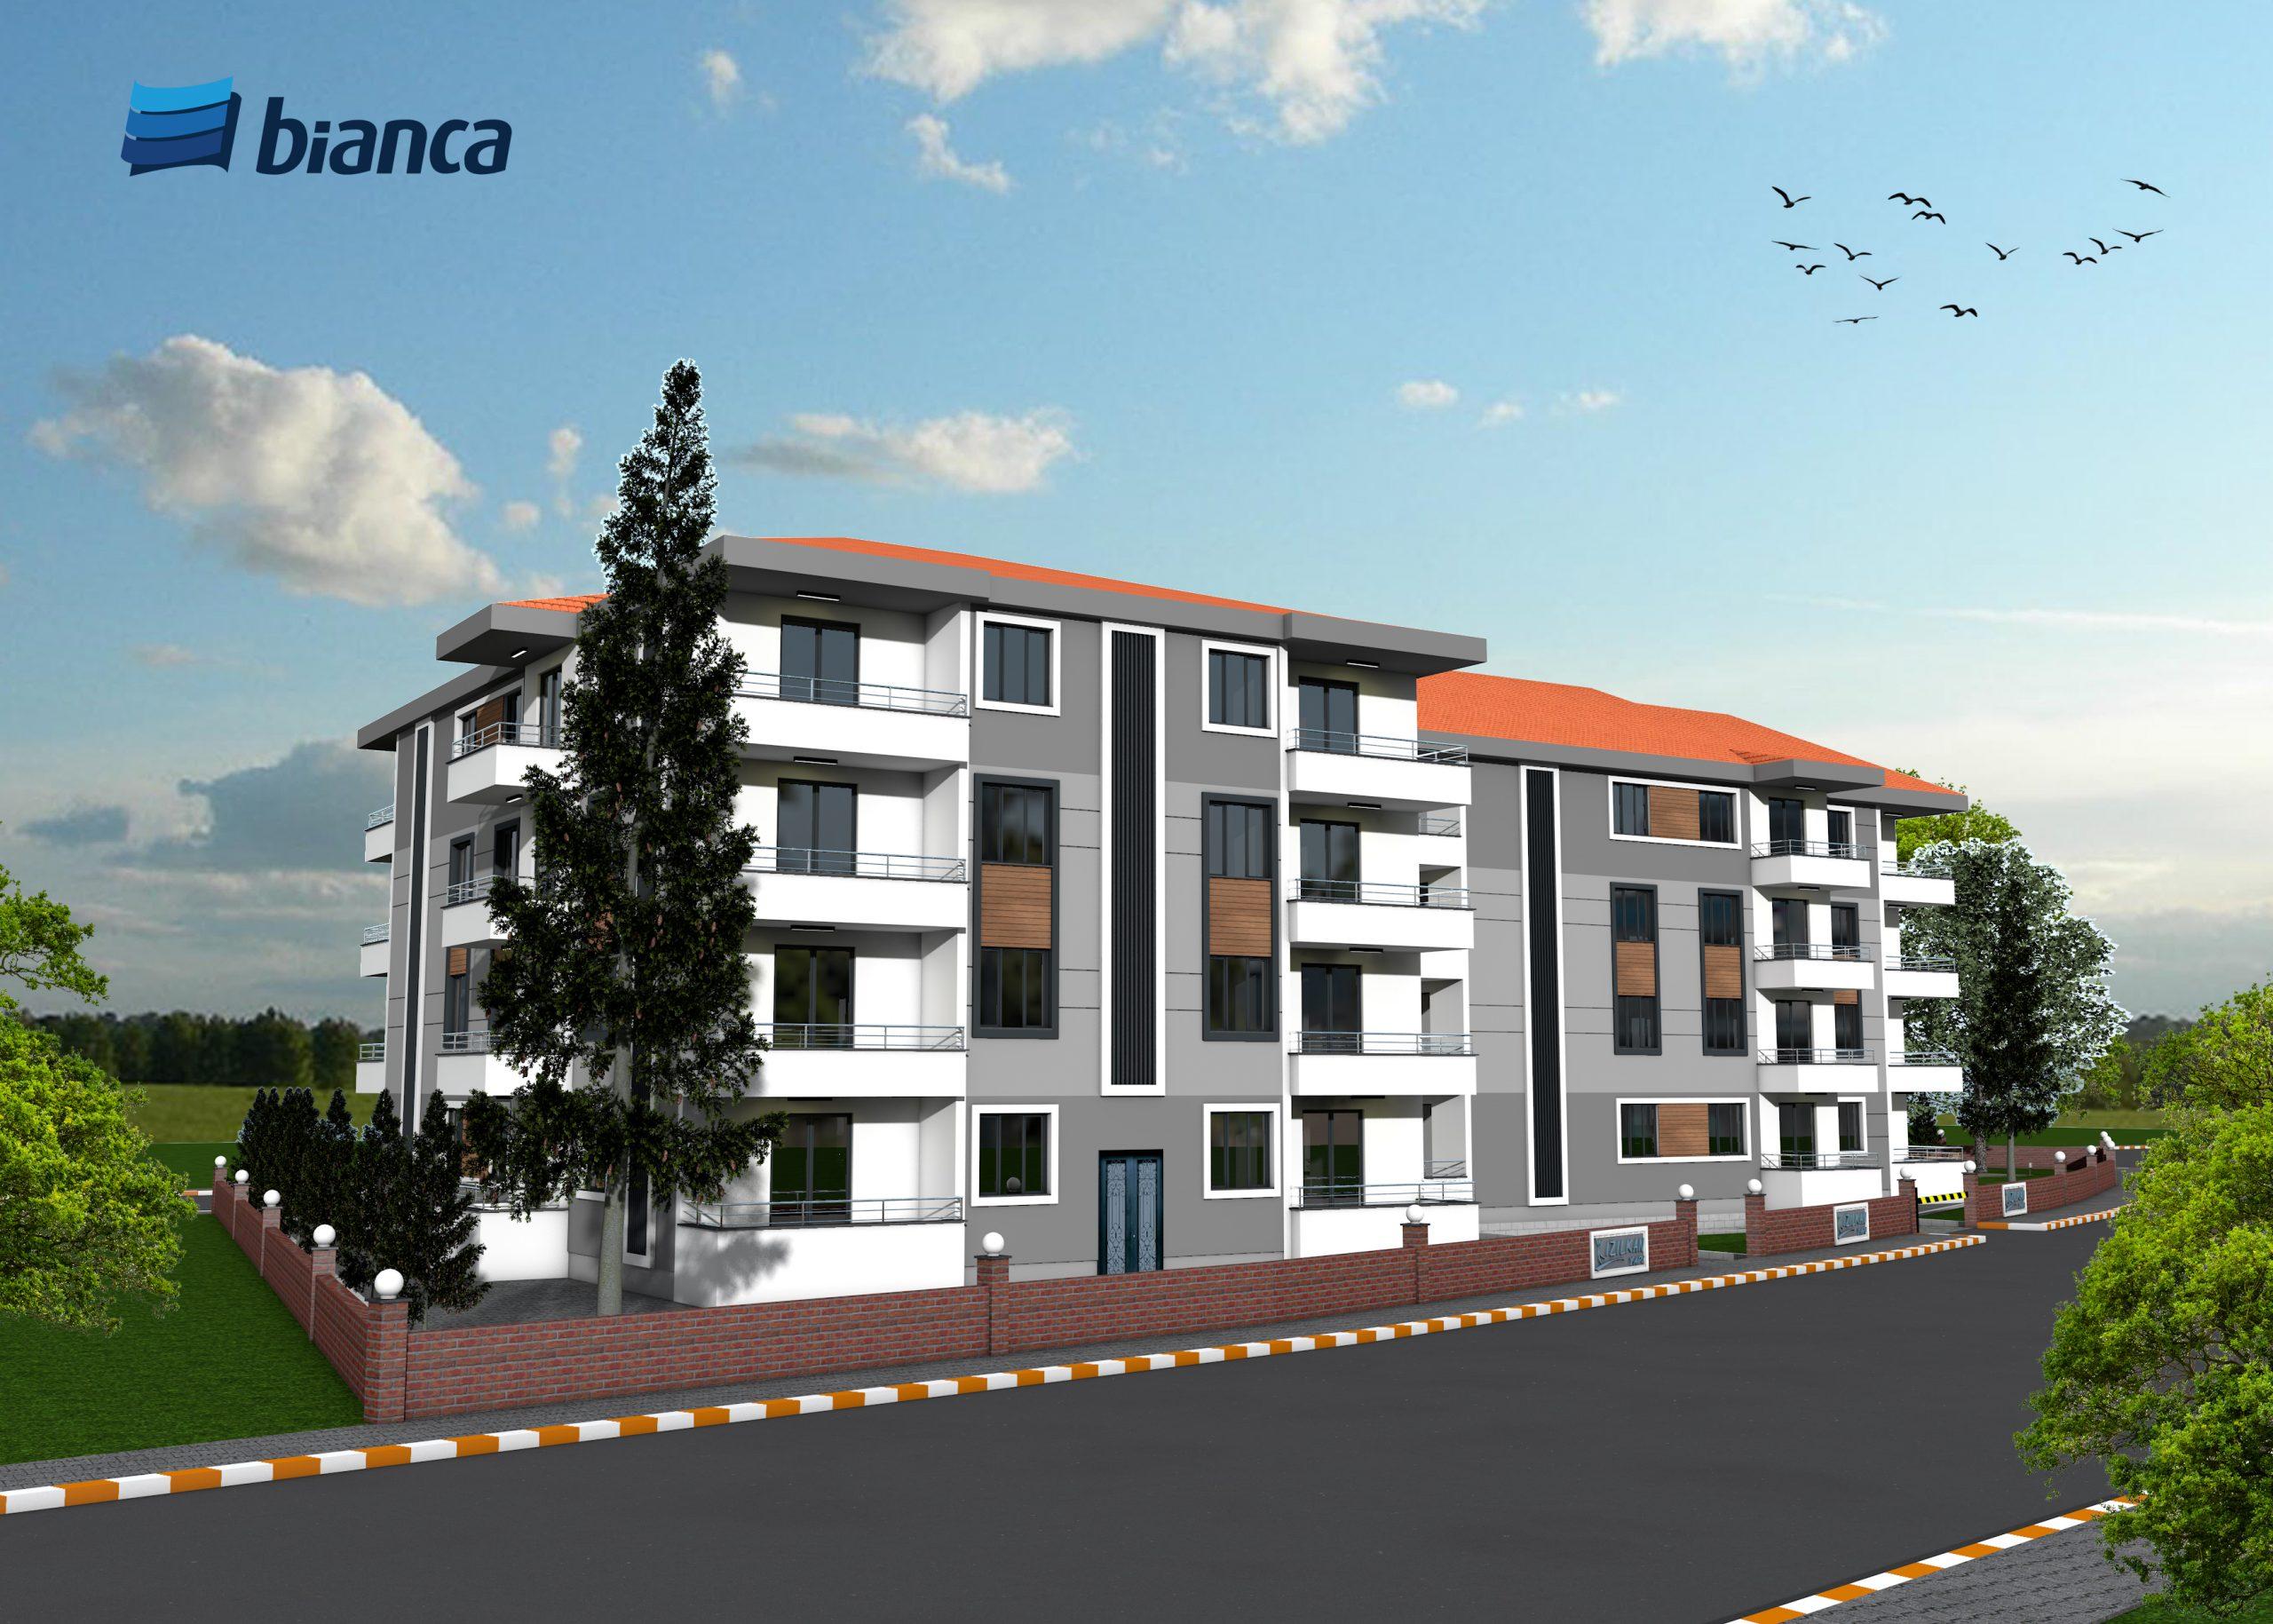 DSİ YUNUS MAHALLESİ PROJE 2 BLOK 24 DAİREDEN OLUŞAN 3+1 155 m²